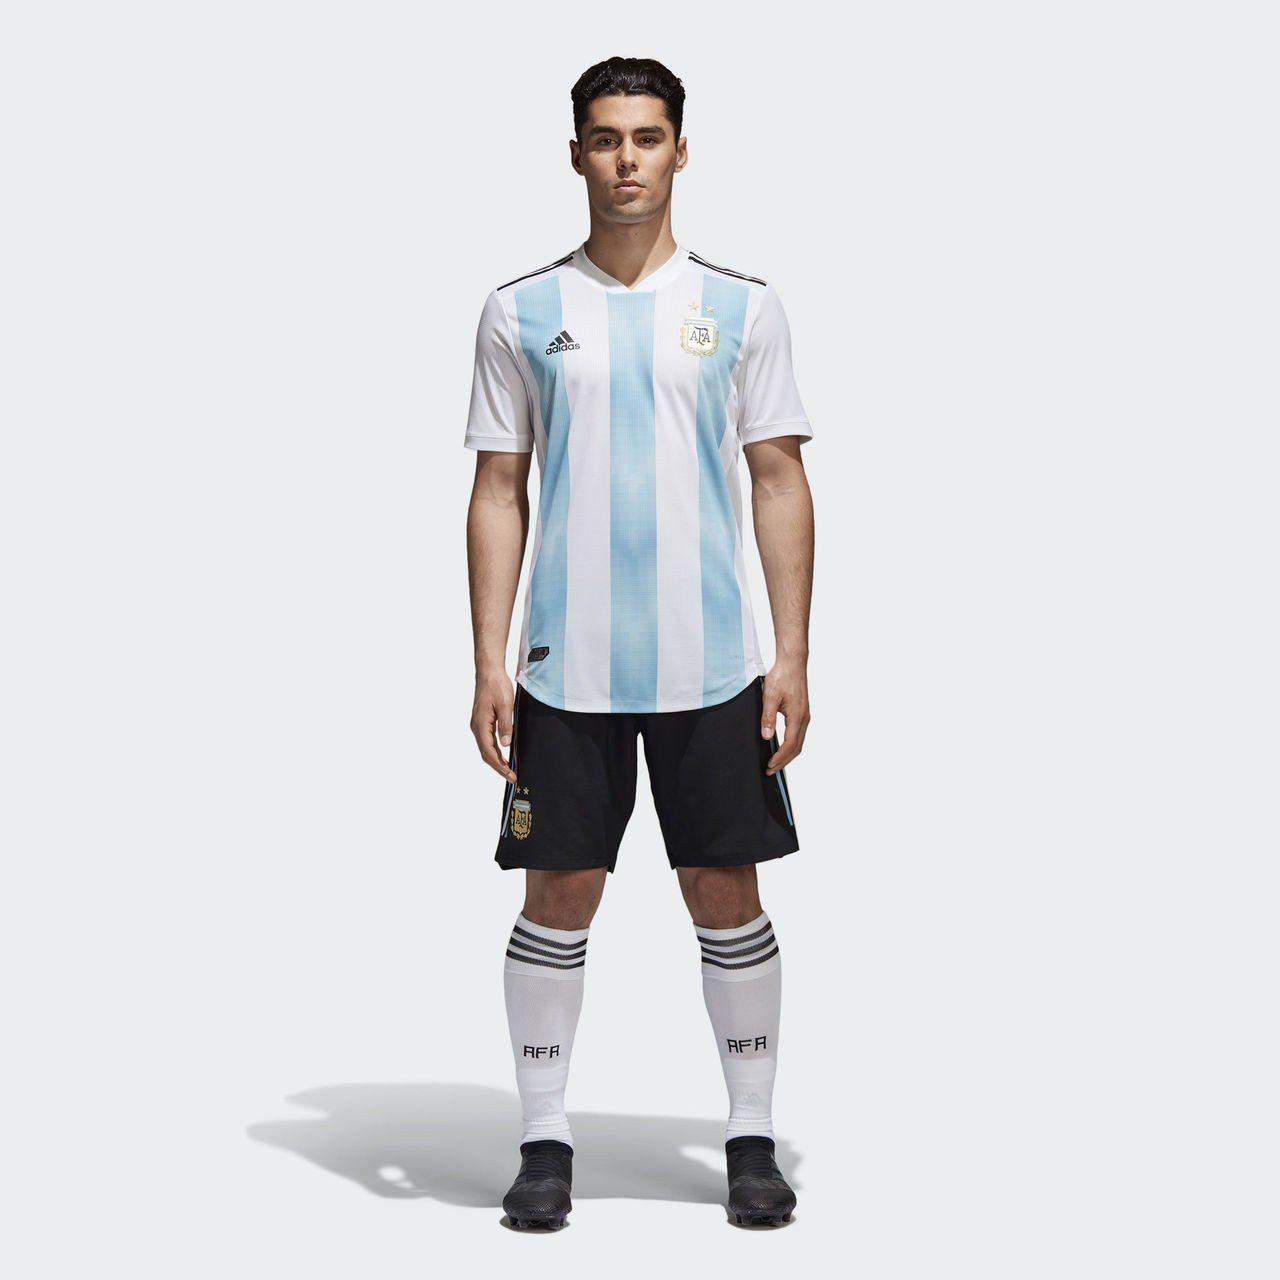 樂天市場世足球衣熱銷排行榜冠軍由明星球員梅西的ADIDAS Argentina ...